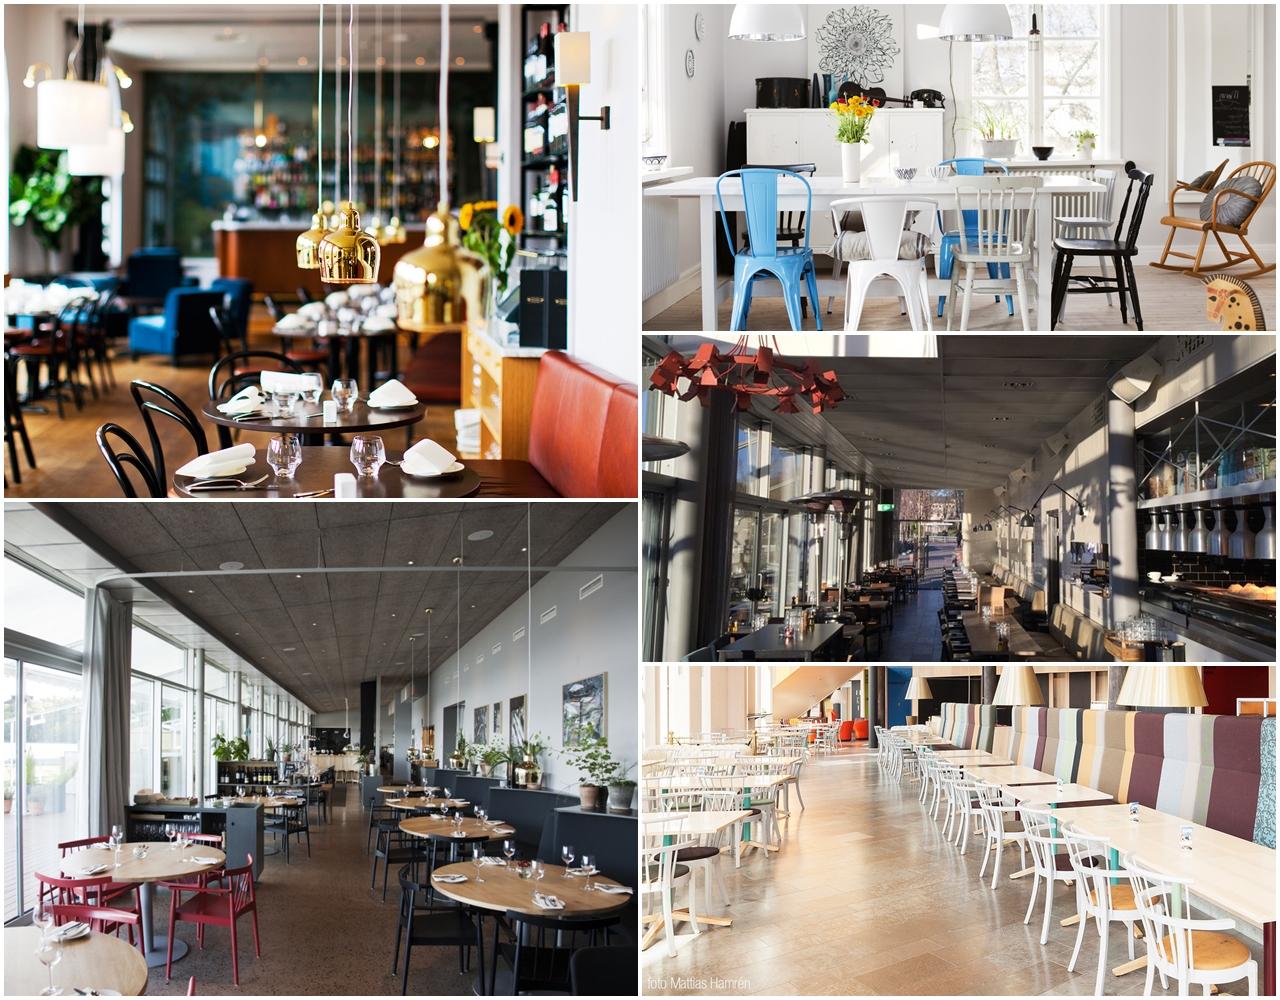 Du học Thụy Điển - Thành phố Jopoking có nhiều nhà hàng khách sạn nổi tiếng